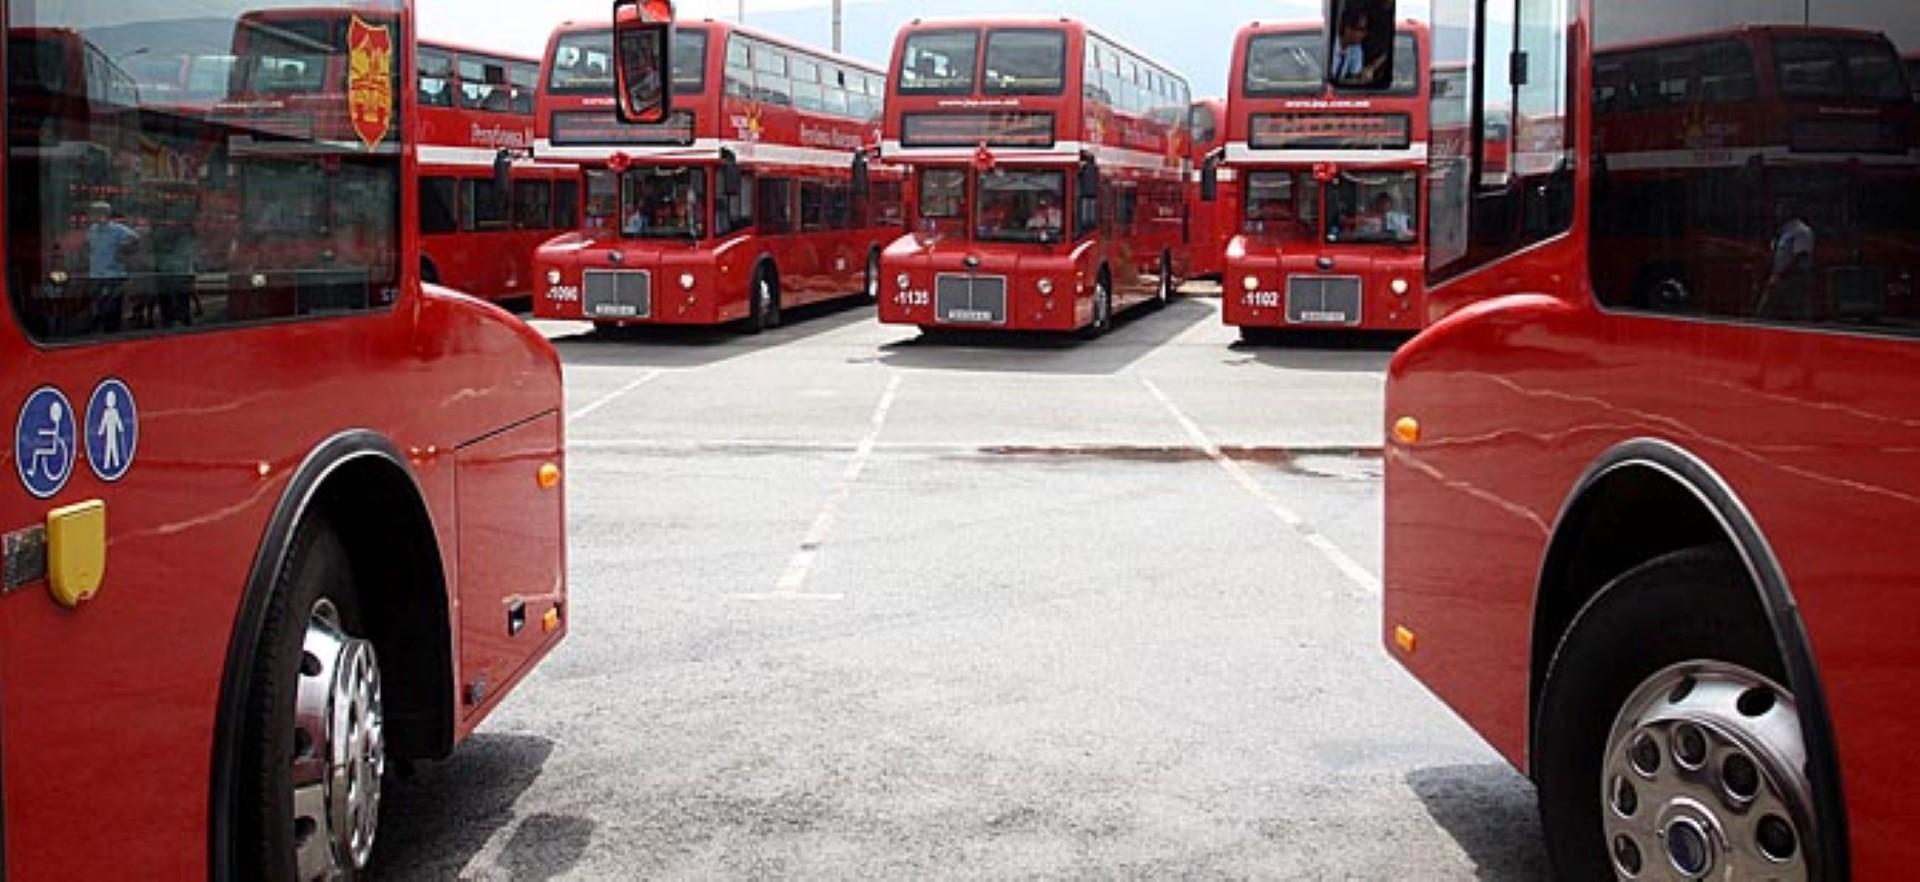 """Новиот систем за наплата во автобусите на ЈСП """"Скопје"""" почнува пробно"""